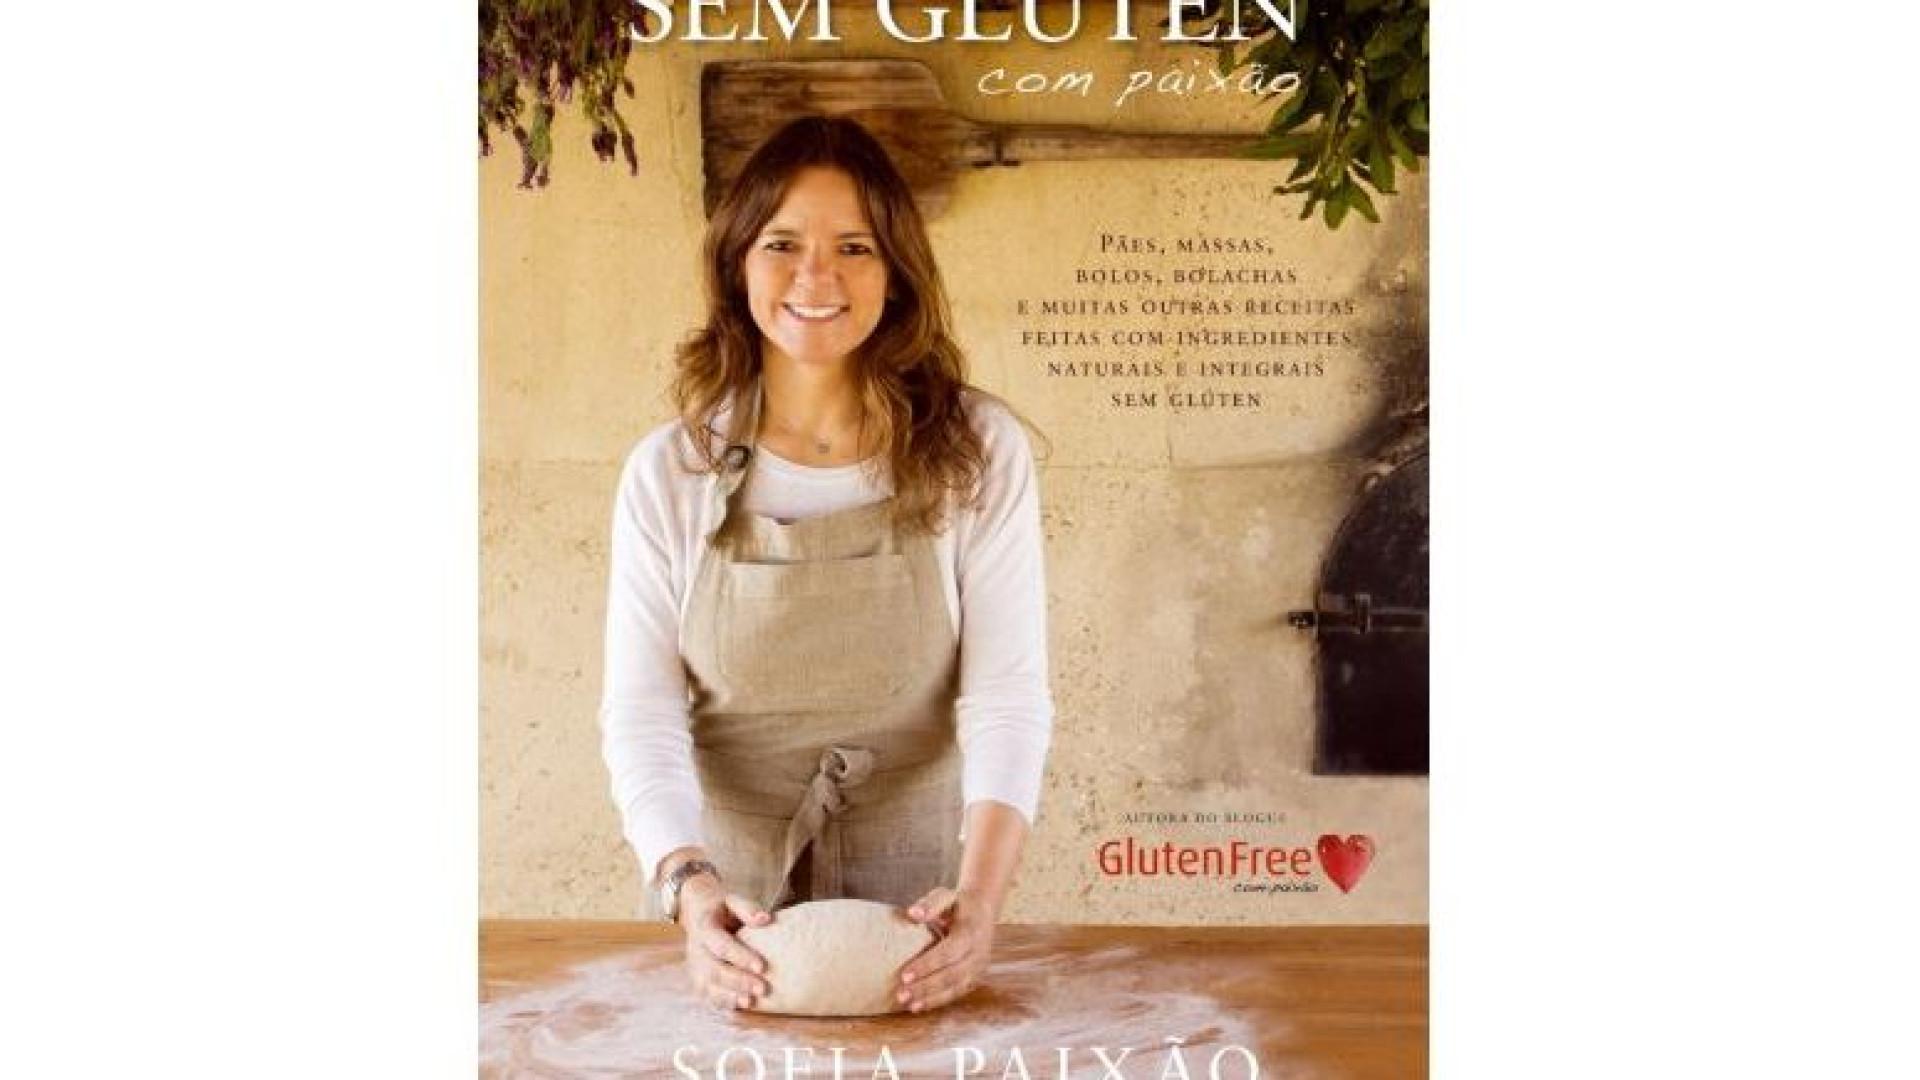 Dieta sem glúten? Este livro de Sofia Paixão vai orientá-lo